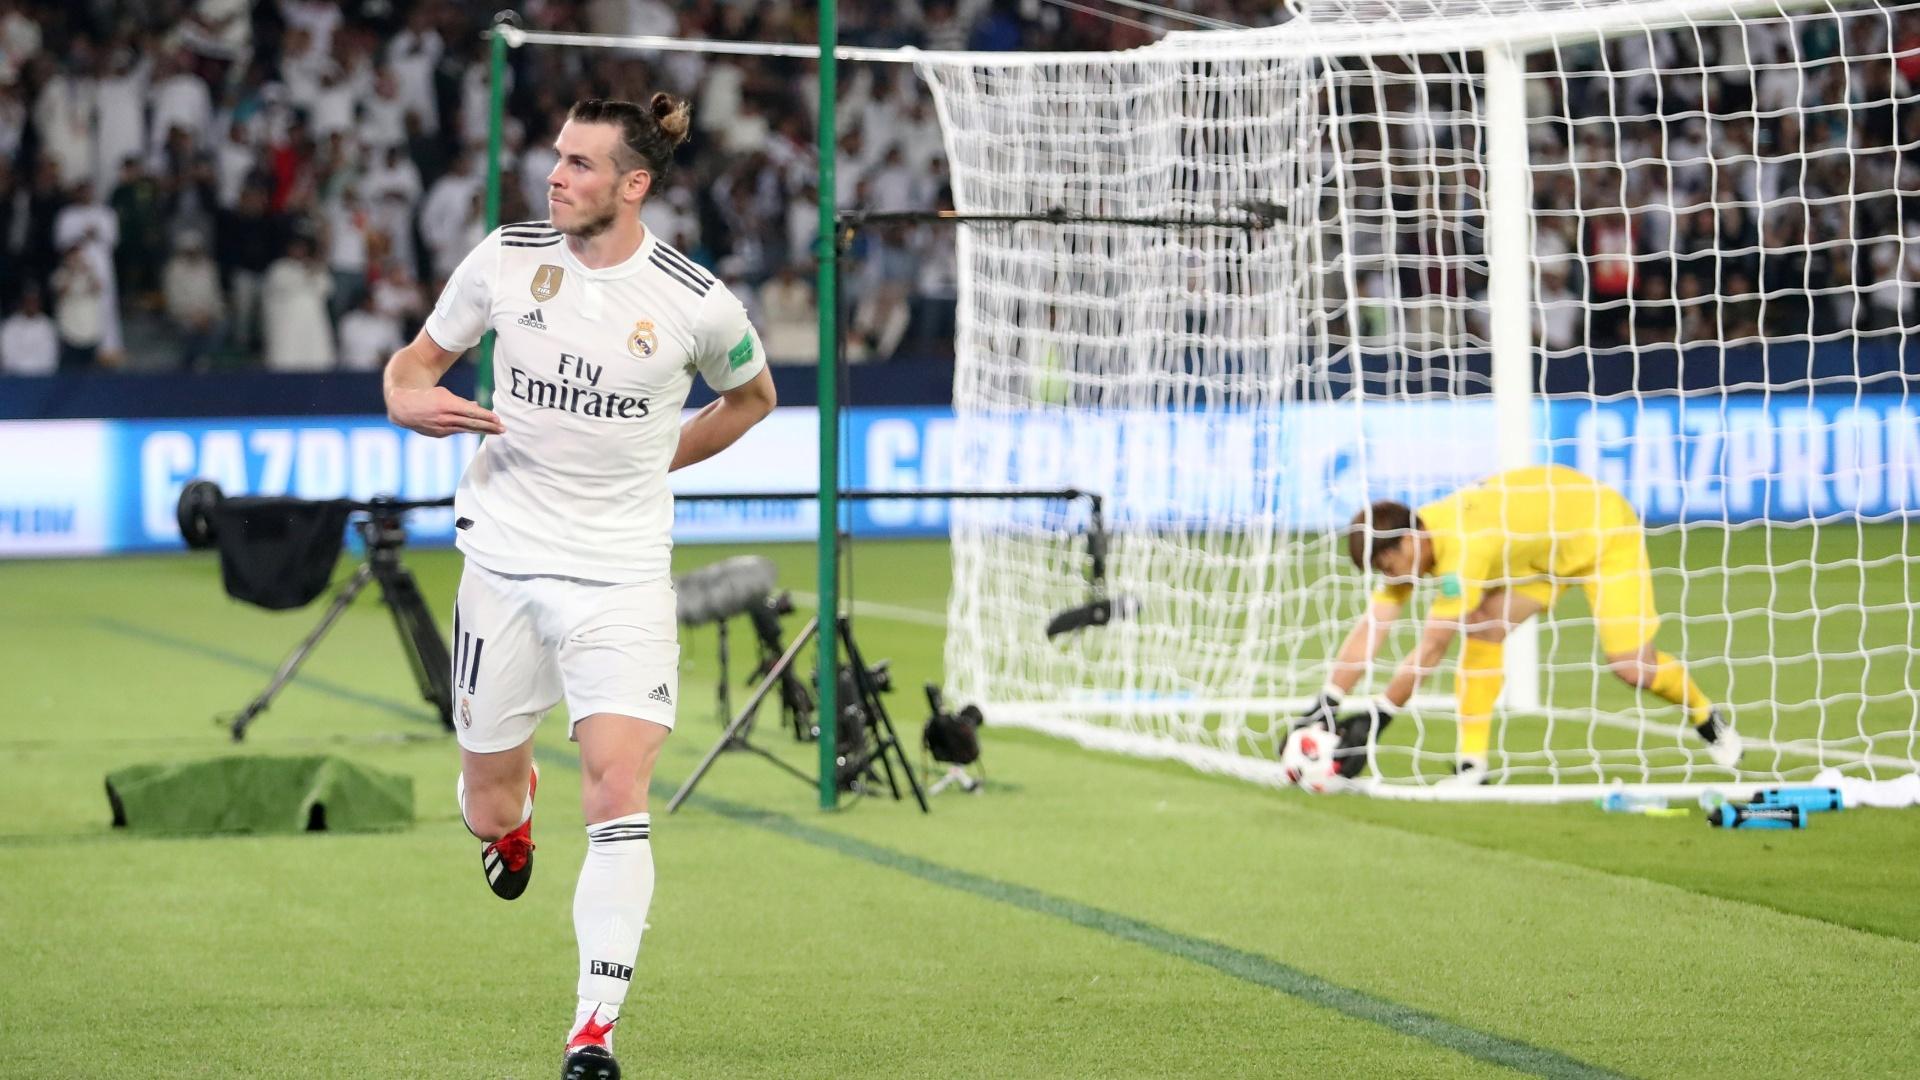 Gareth Bale comemora gol diante do Kashima Antlers nas semifinais do Mundial de Clubes 2018